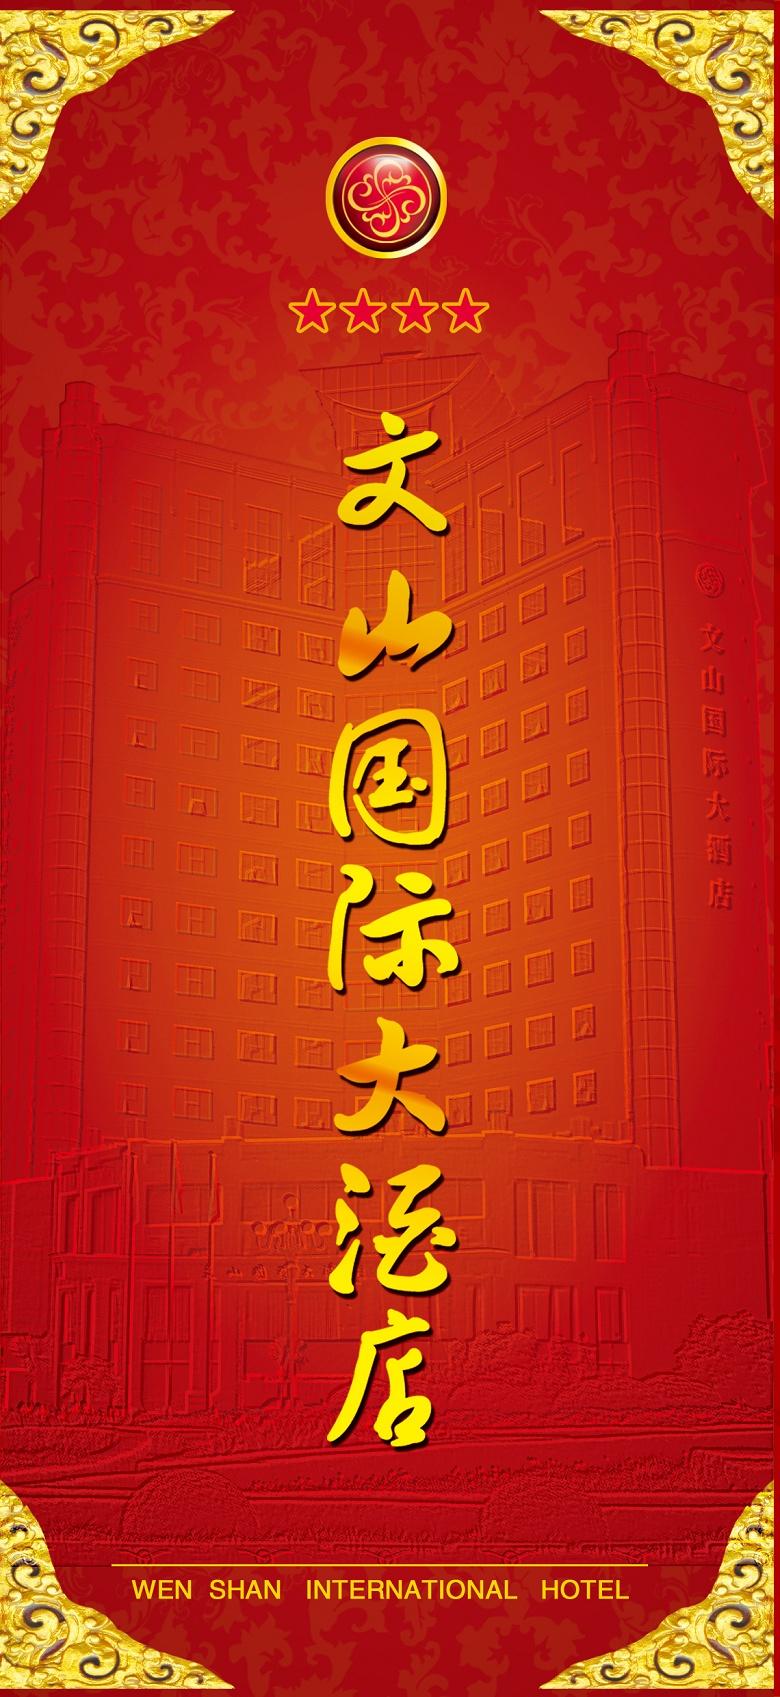 508号酒店菜单 菜谱册 菜谱设计 菜谱制作 菜谱印刷